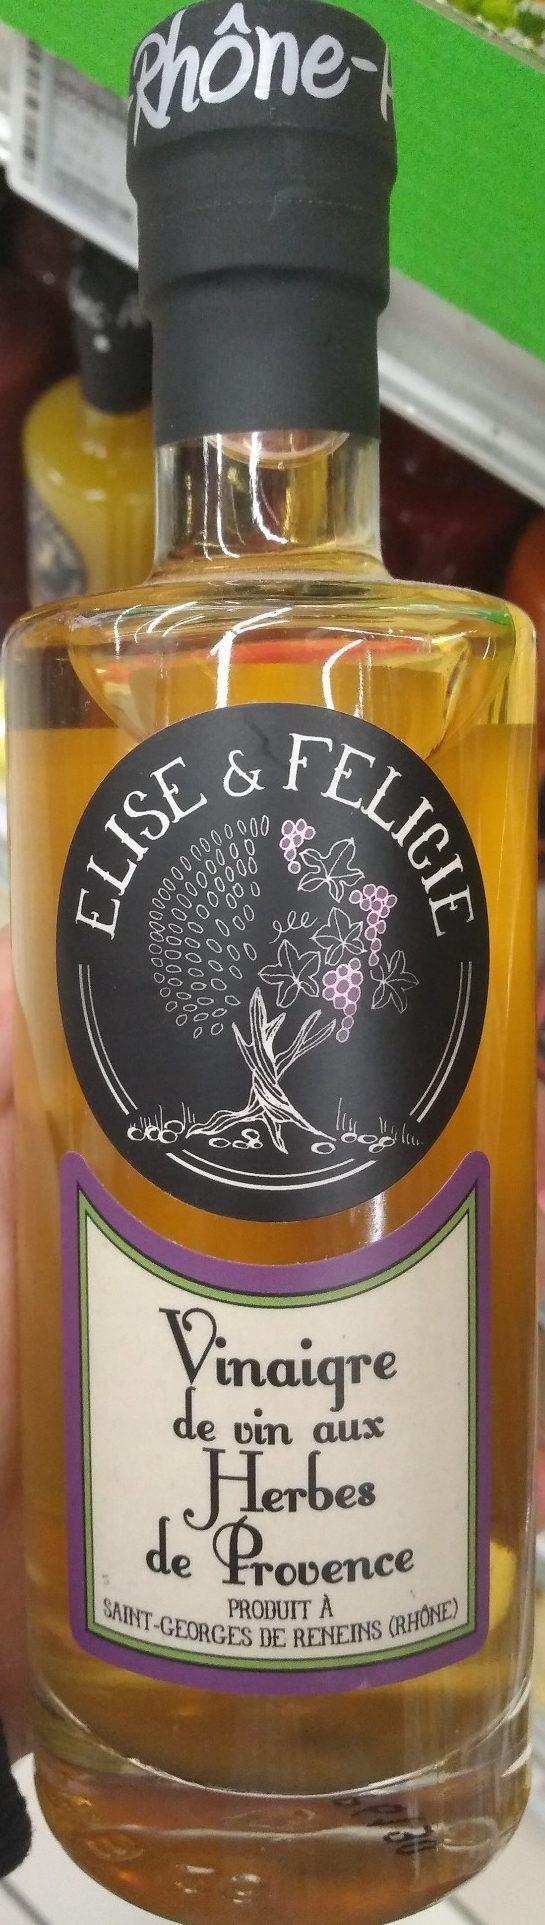 Vinaigre de Vin aux Herbes de Provence - Product